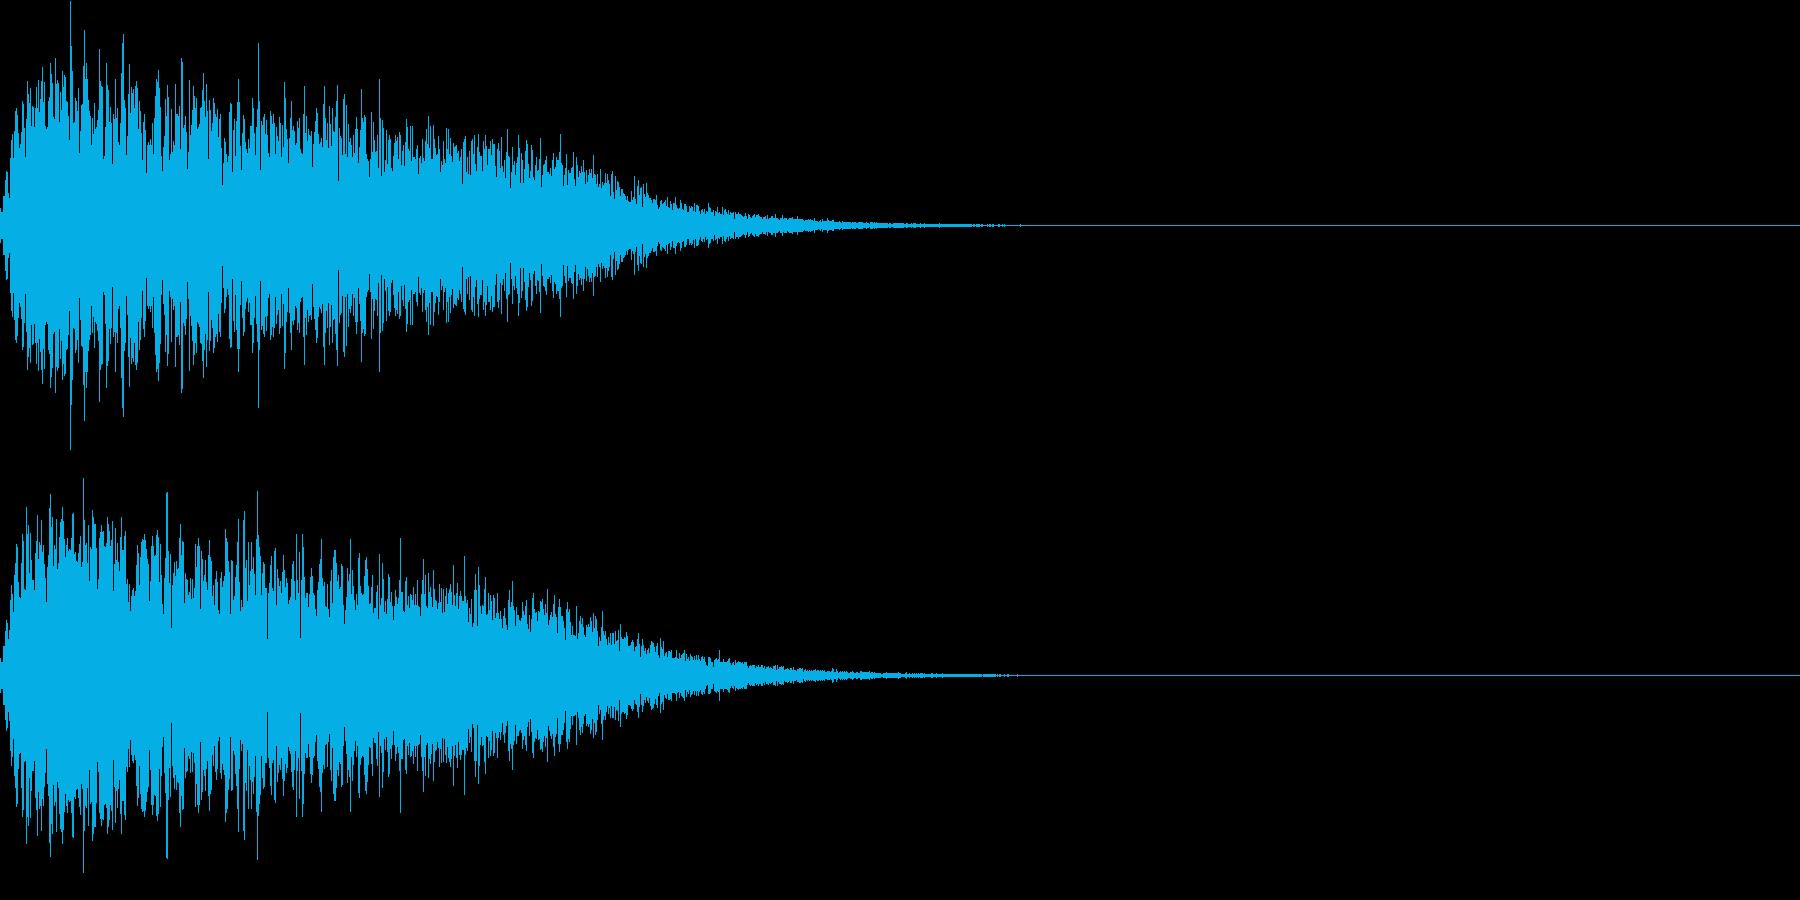 キュイン ボタン ピキーン キーン 11の再生済みの波形